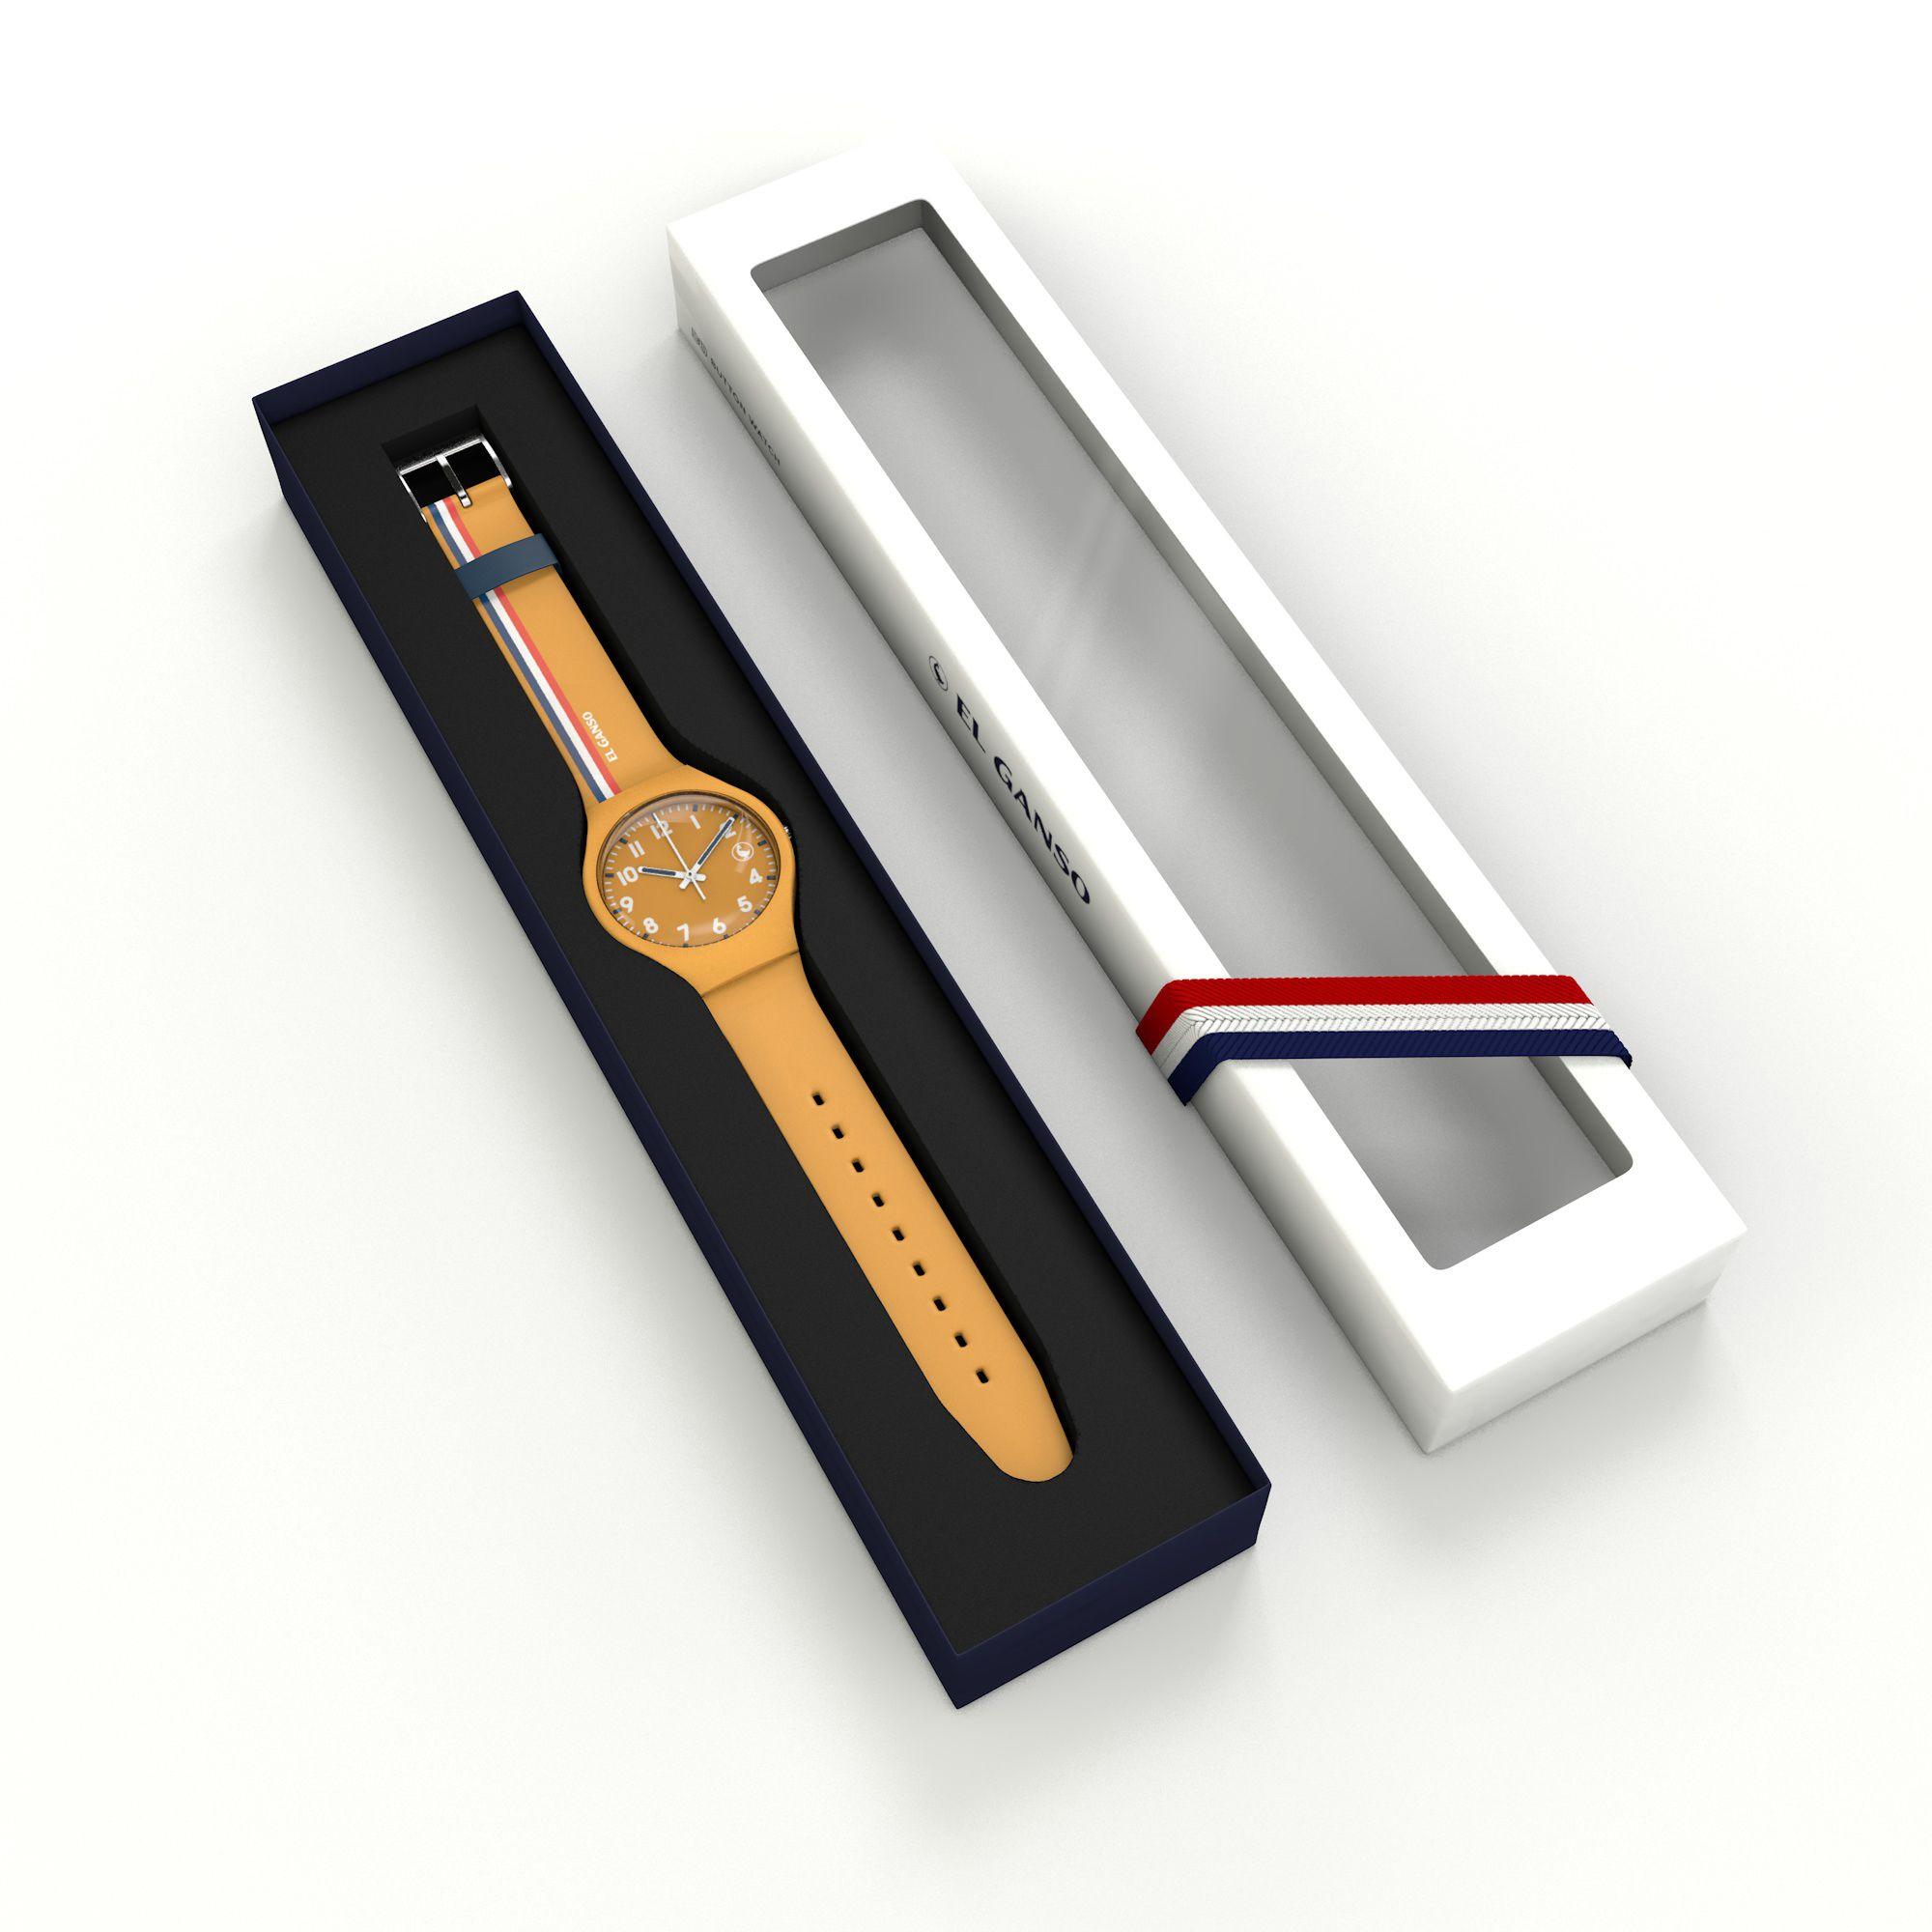 Reloj Ganso Amarillo Image 4